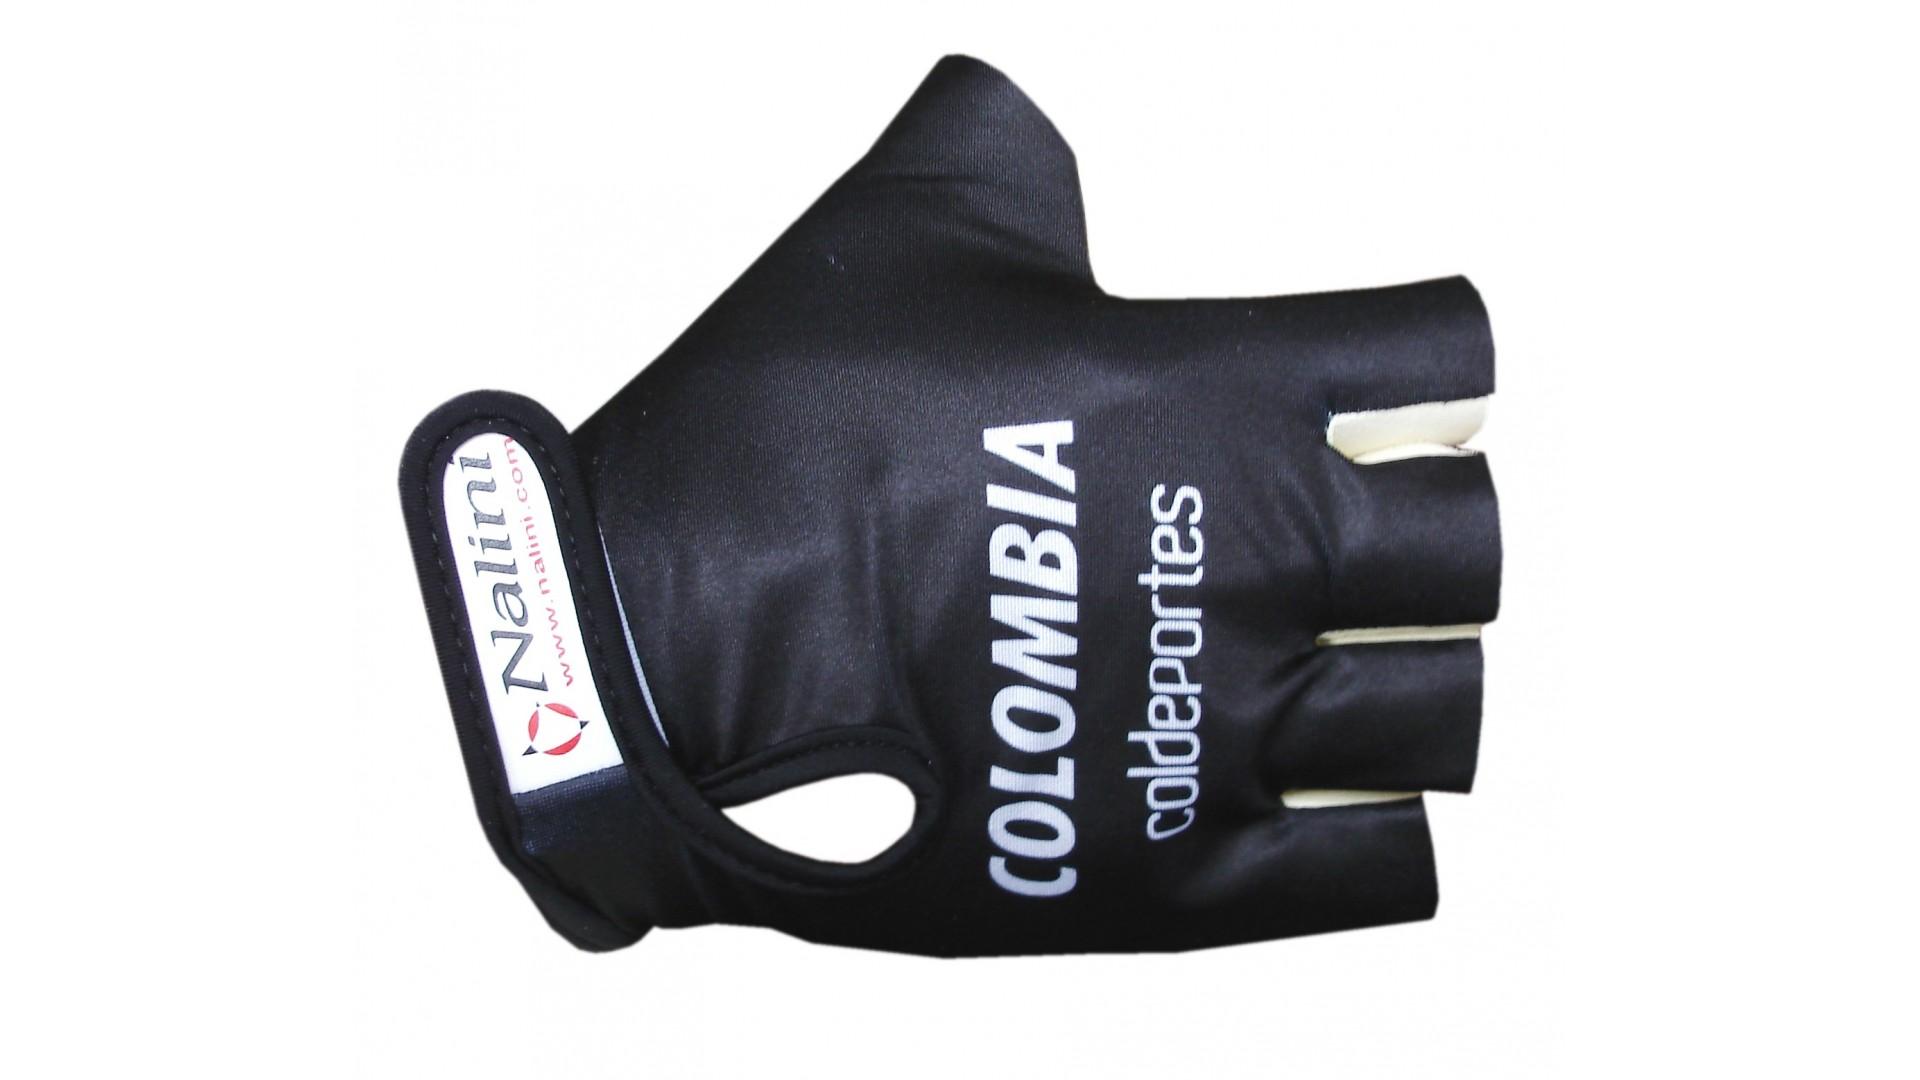 Велоперчатки Nalini Colombia Coldeportes летние